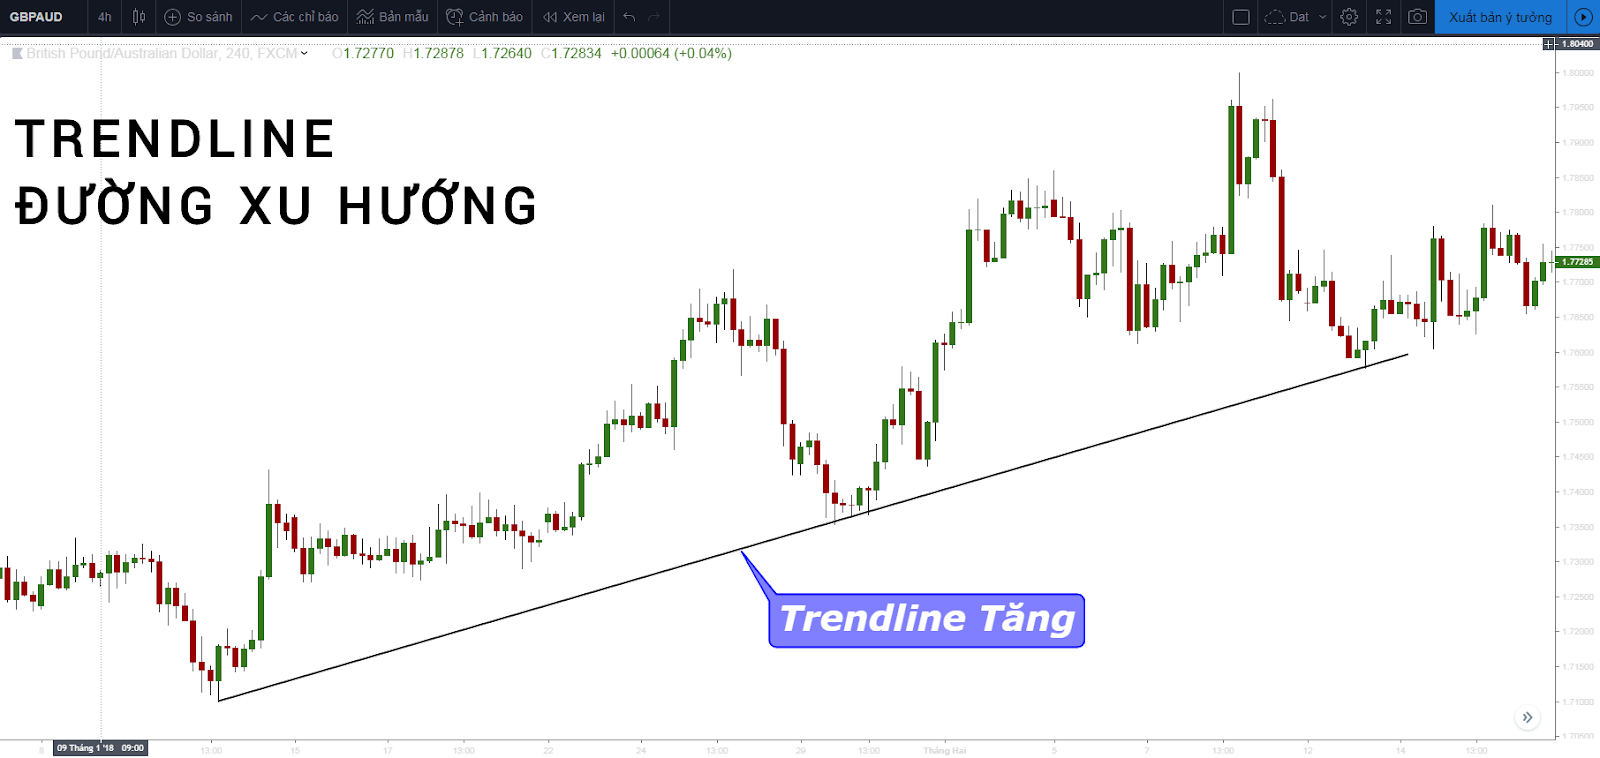 Trendline (đường xu hướng) là gì?